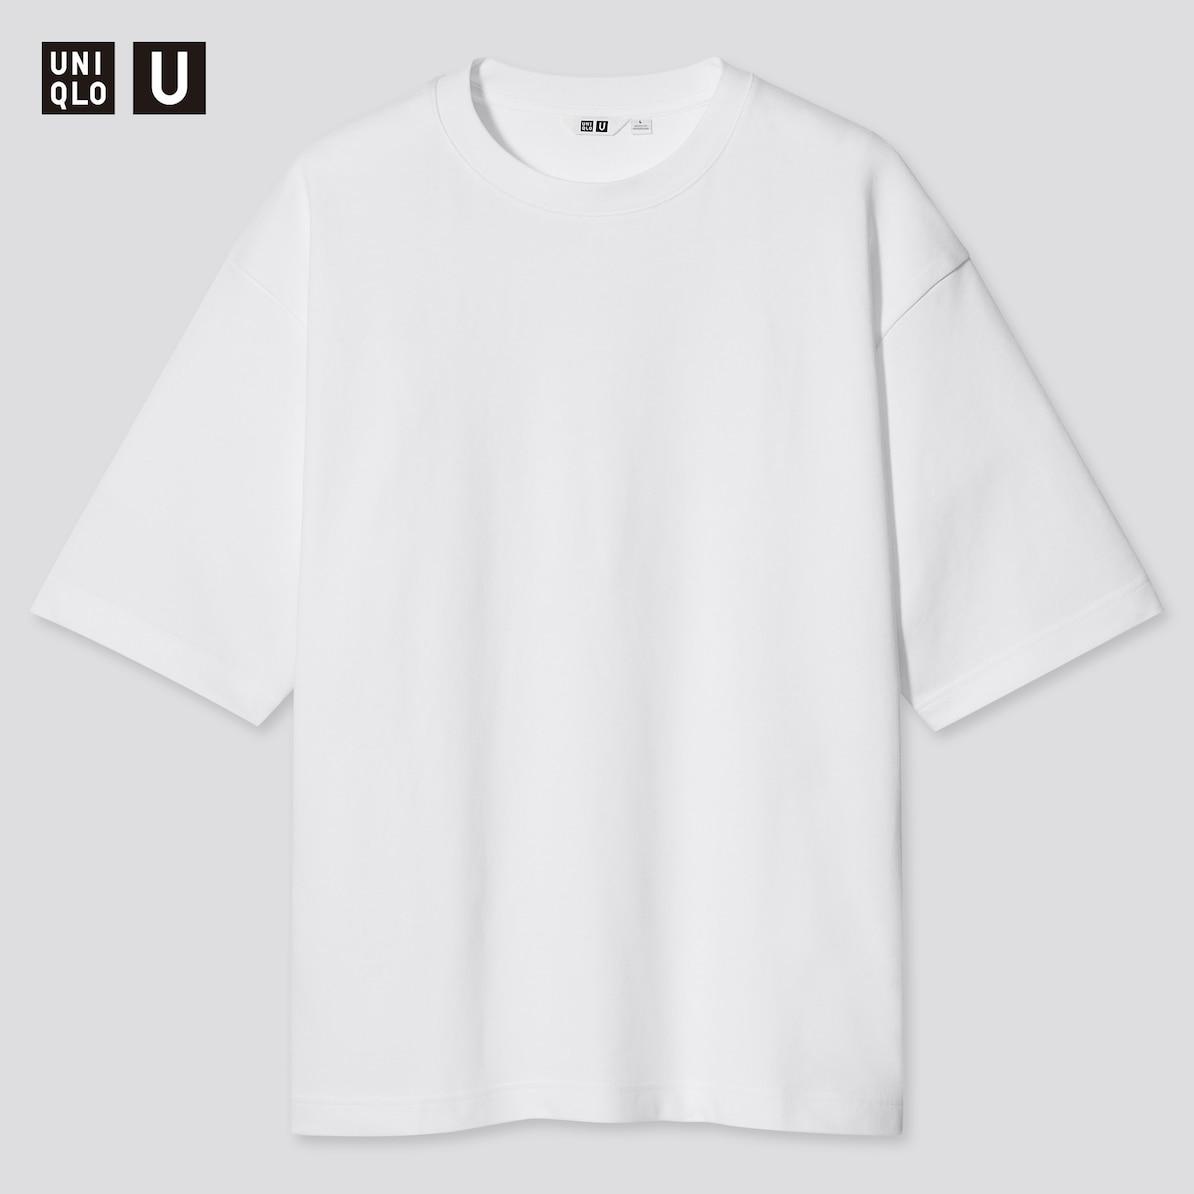 マコなり社長おすすめ 春のユニクロ商品 第1位|Uniqlo U エアリズムコットン オーバーサイズTシャツ